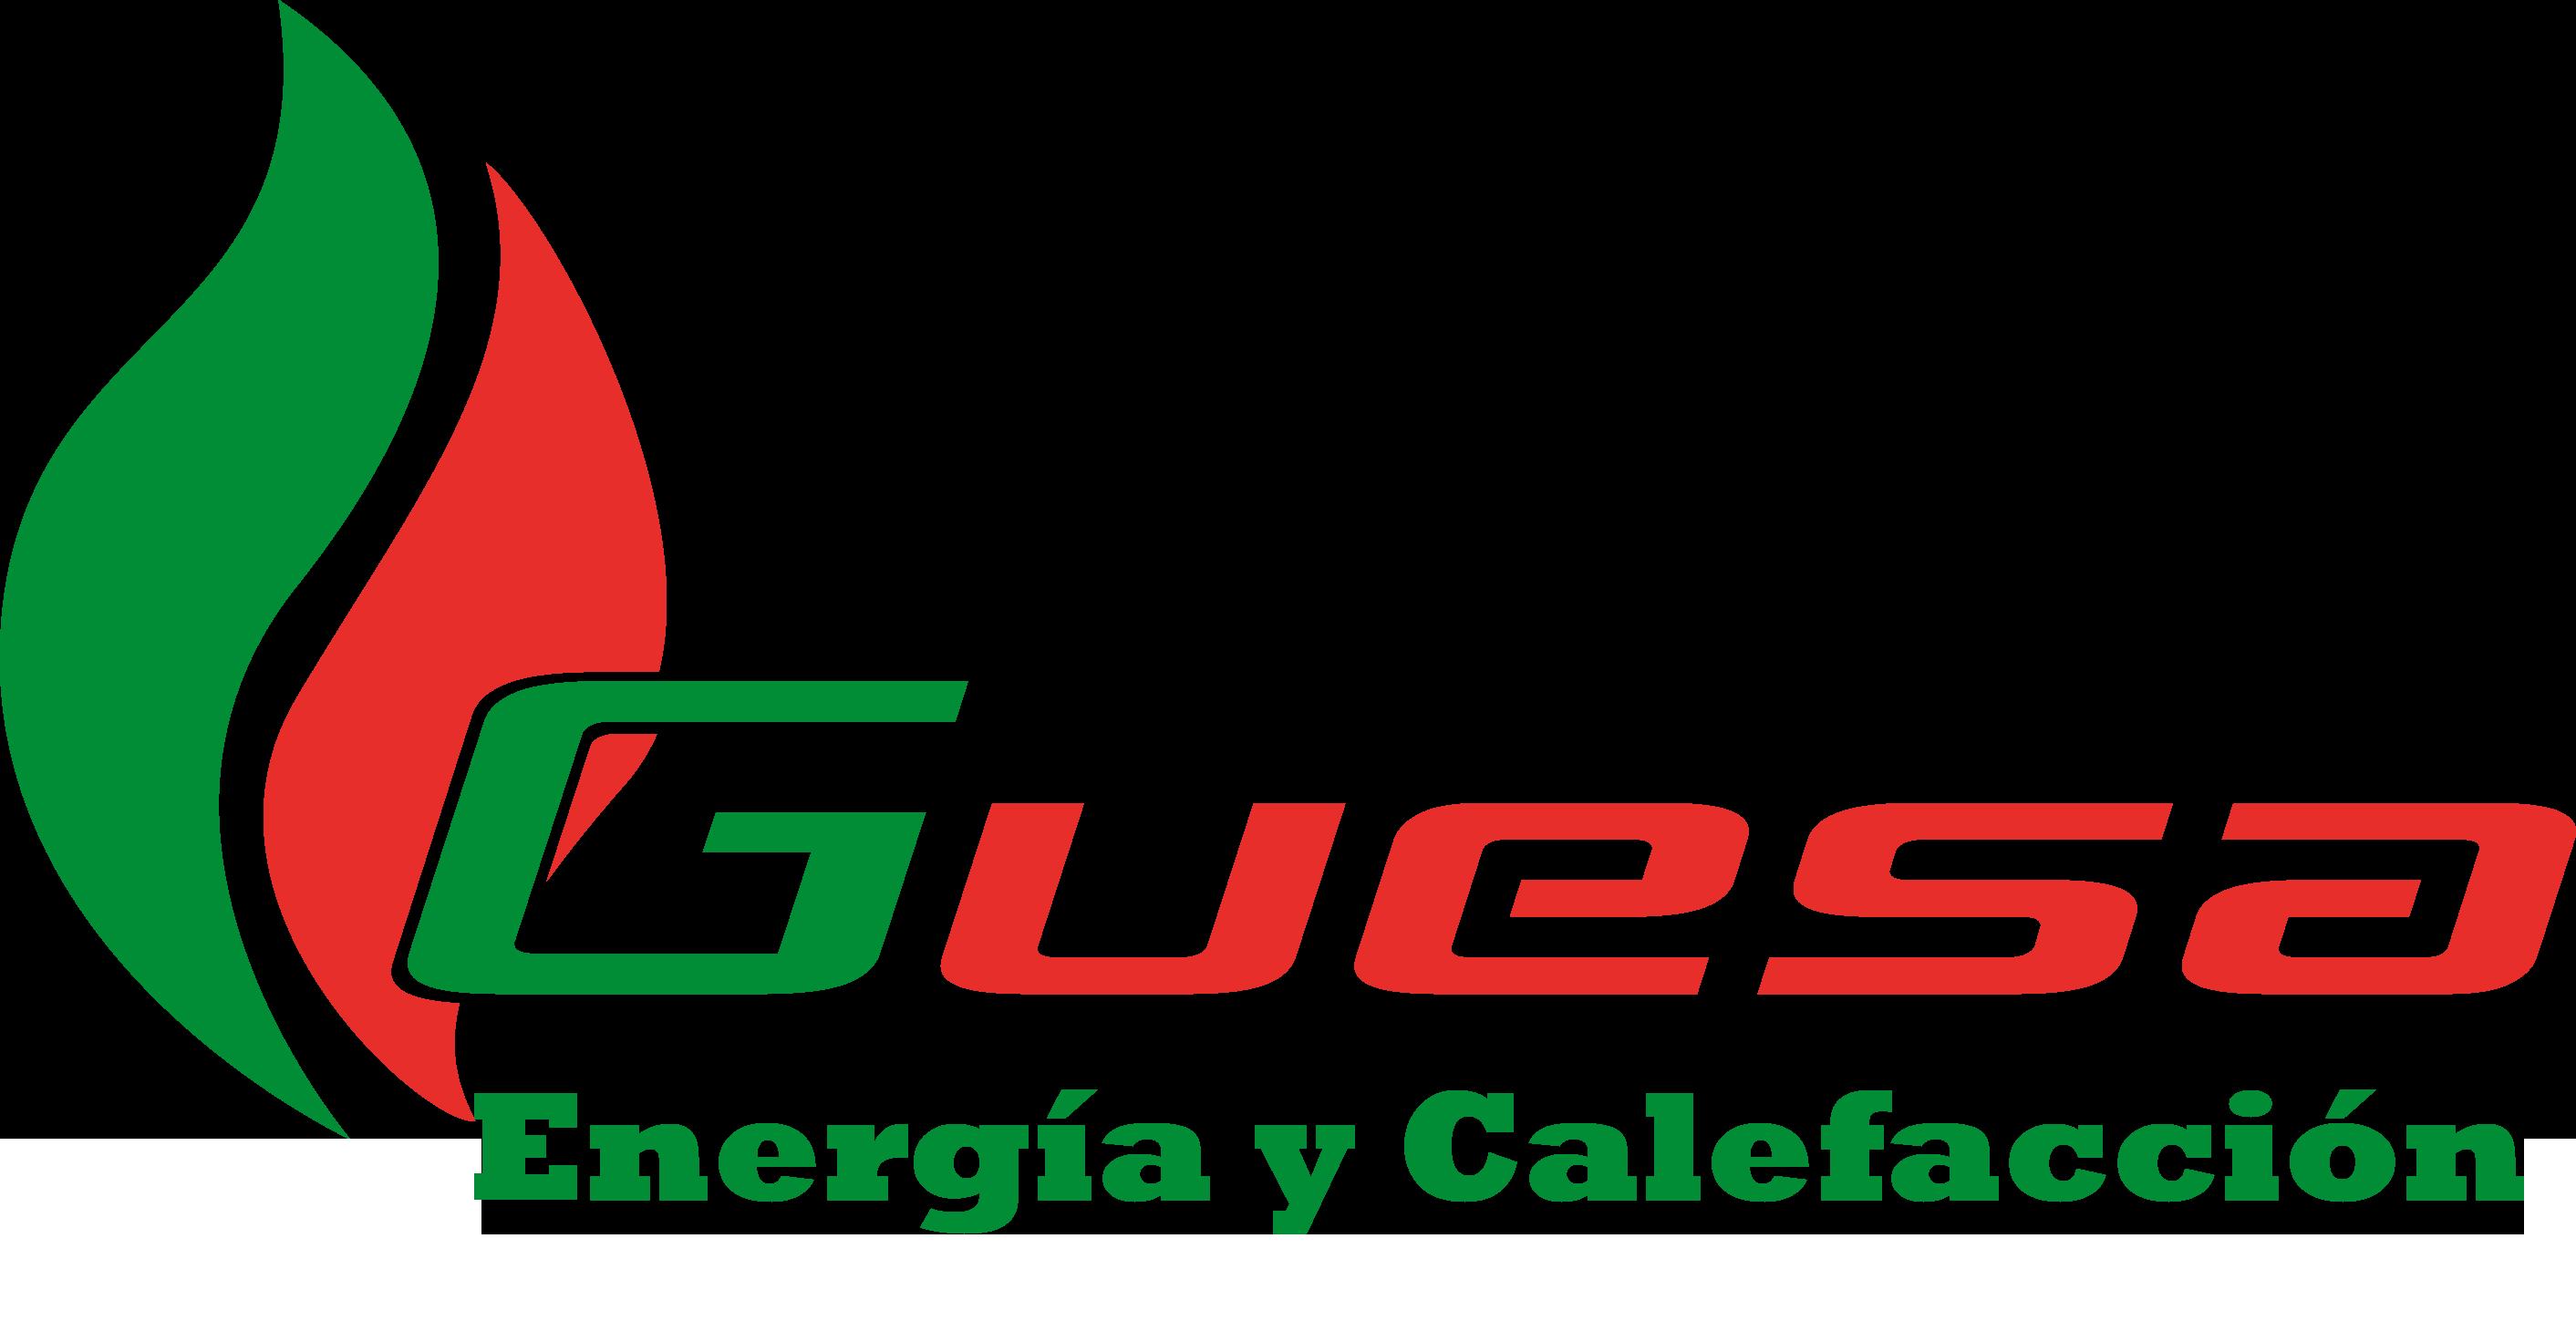 energia y calefacción Euskadi